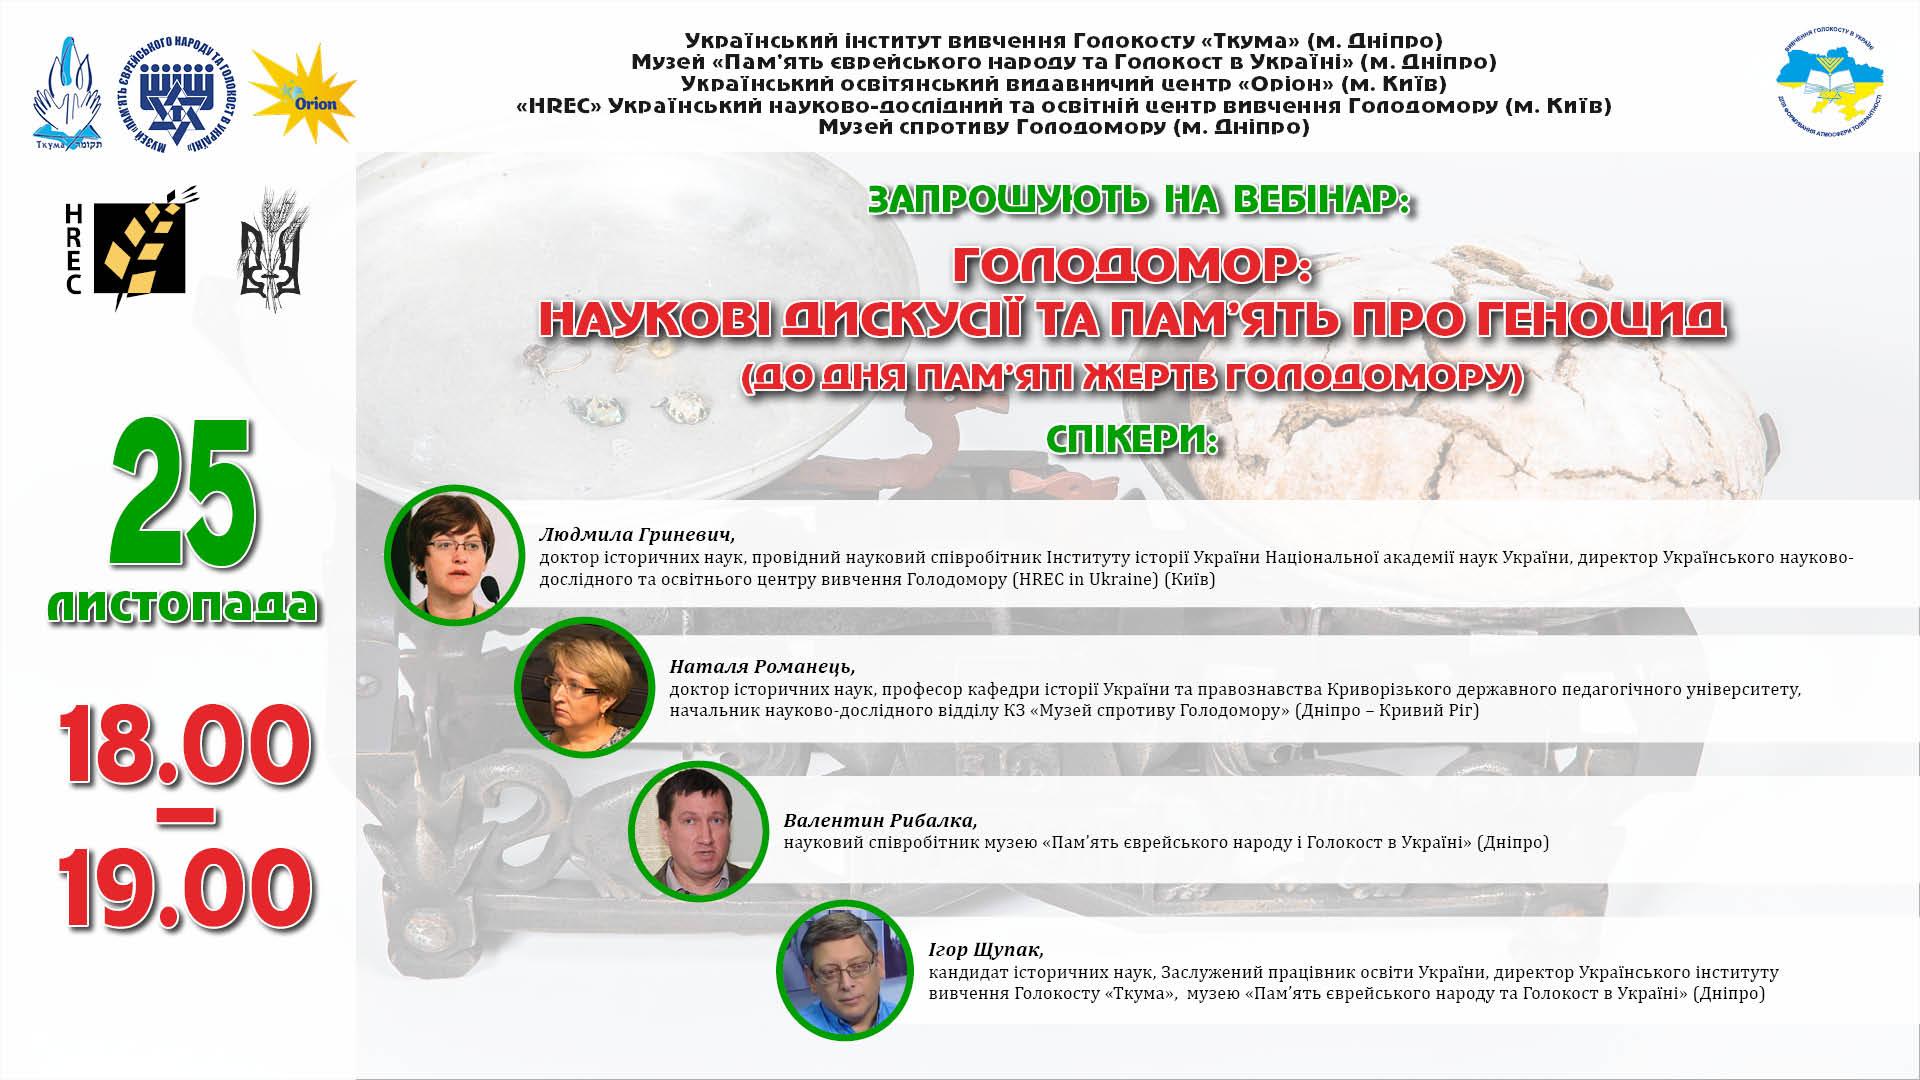 """Запрошуємо на історичний вебінар """"Голодомор українського народу: наукові дискусії та пам'ять про геноцид"""""""